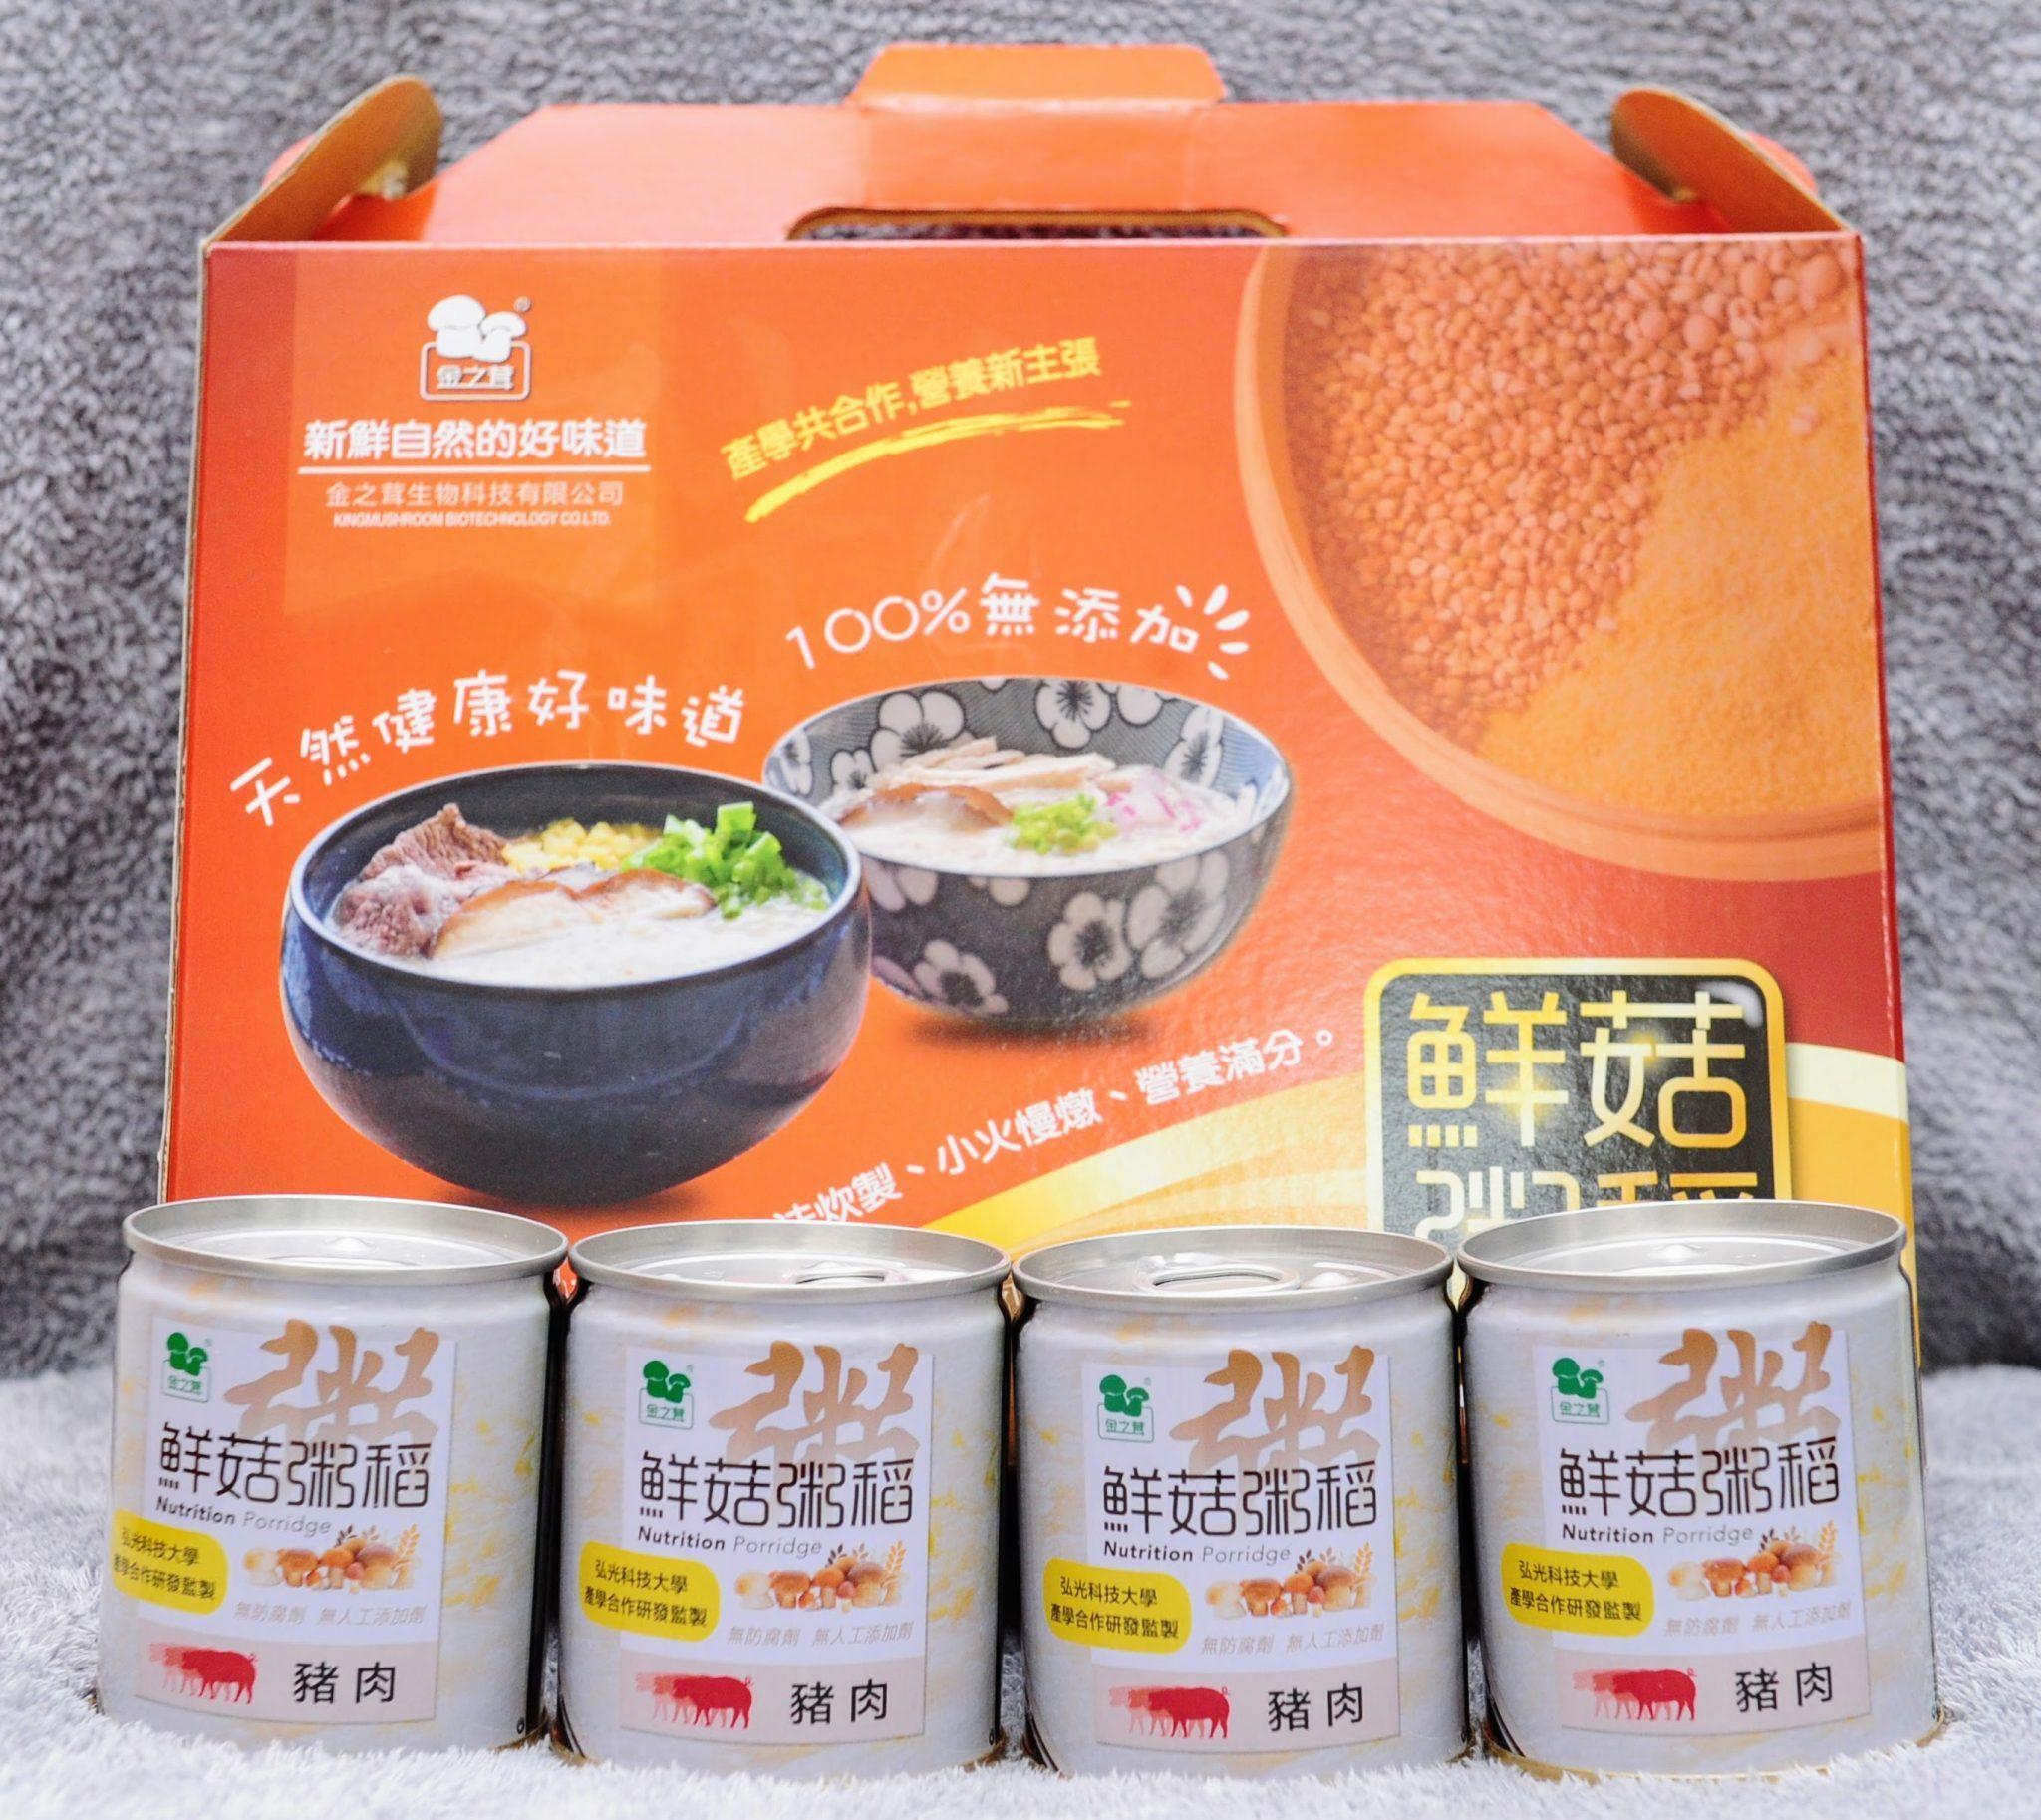 JINZHIRONG-BIOTECH-NutritionPorridge(Pork)_02